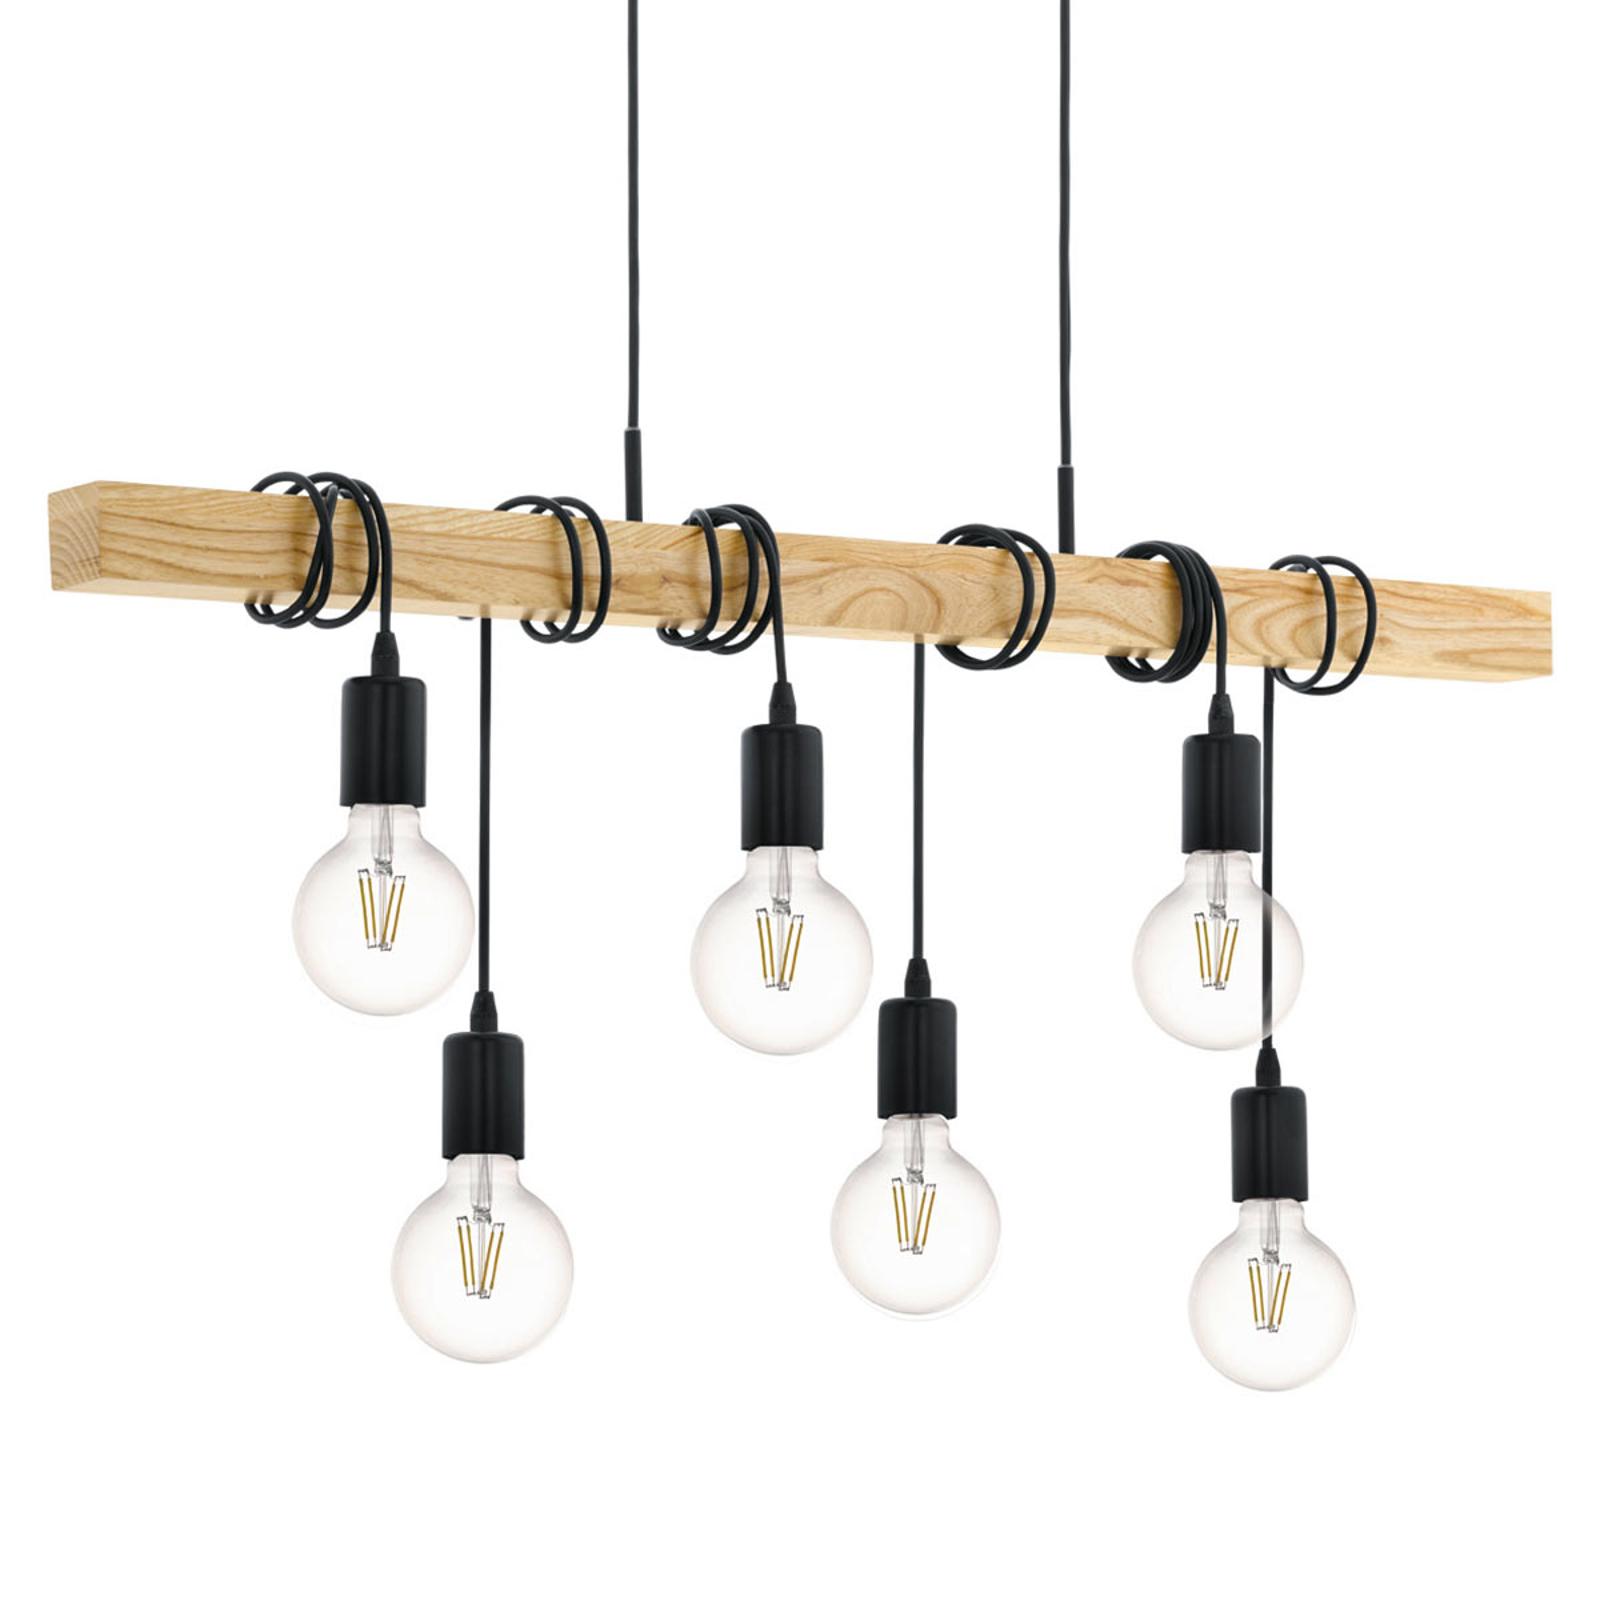 Závěsné světlo Townshend s dřevem, šestižárovkové